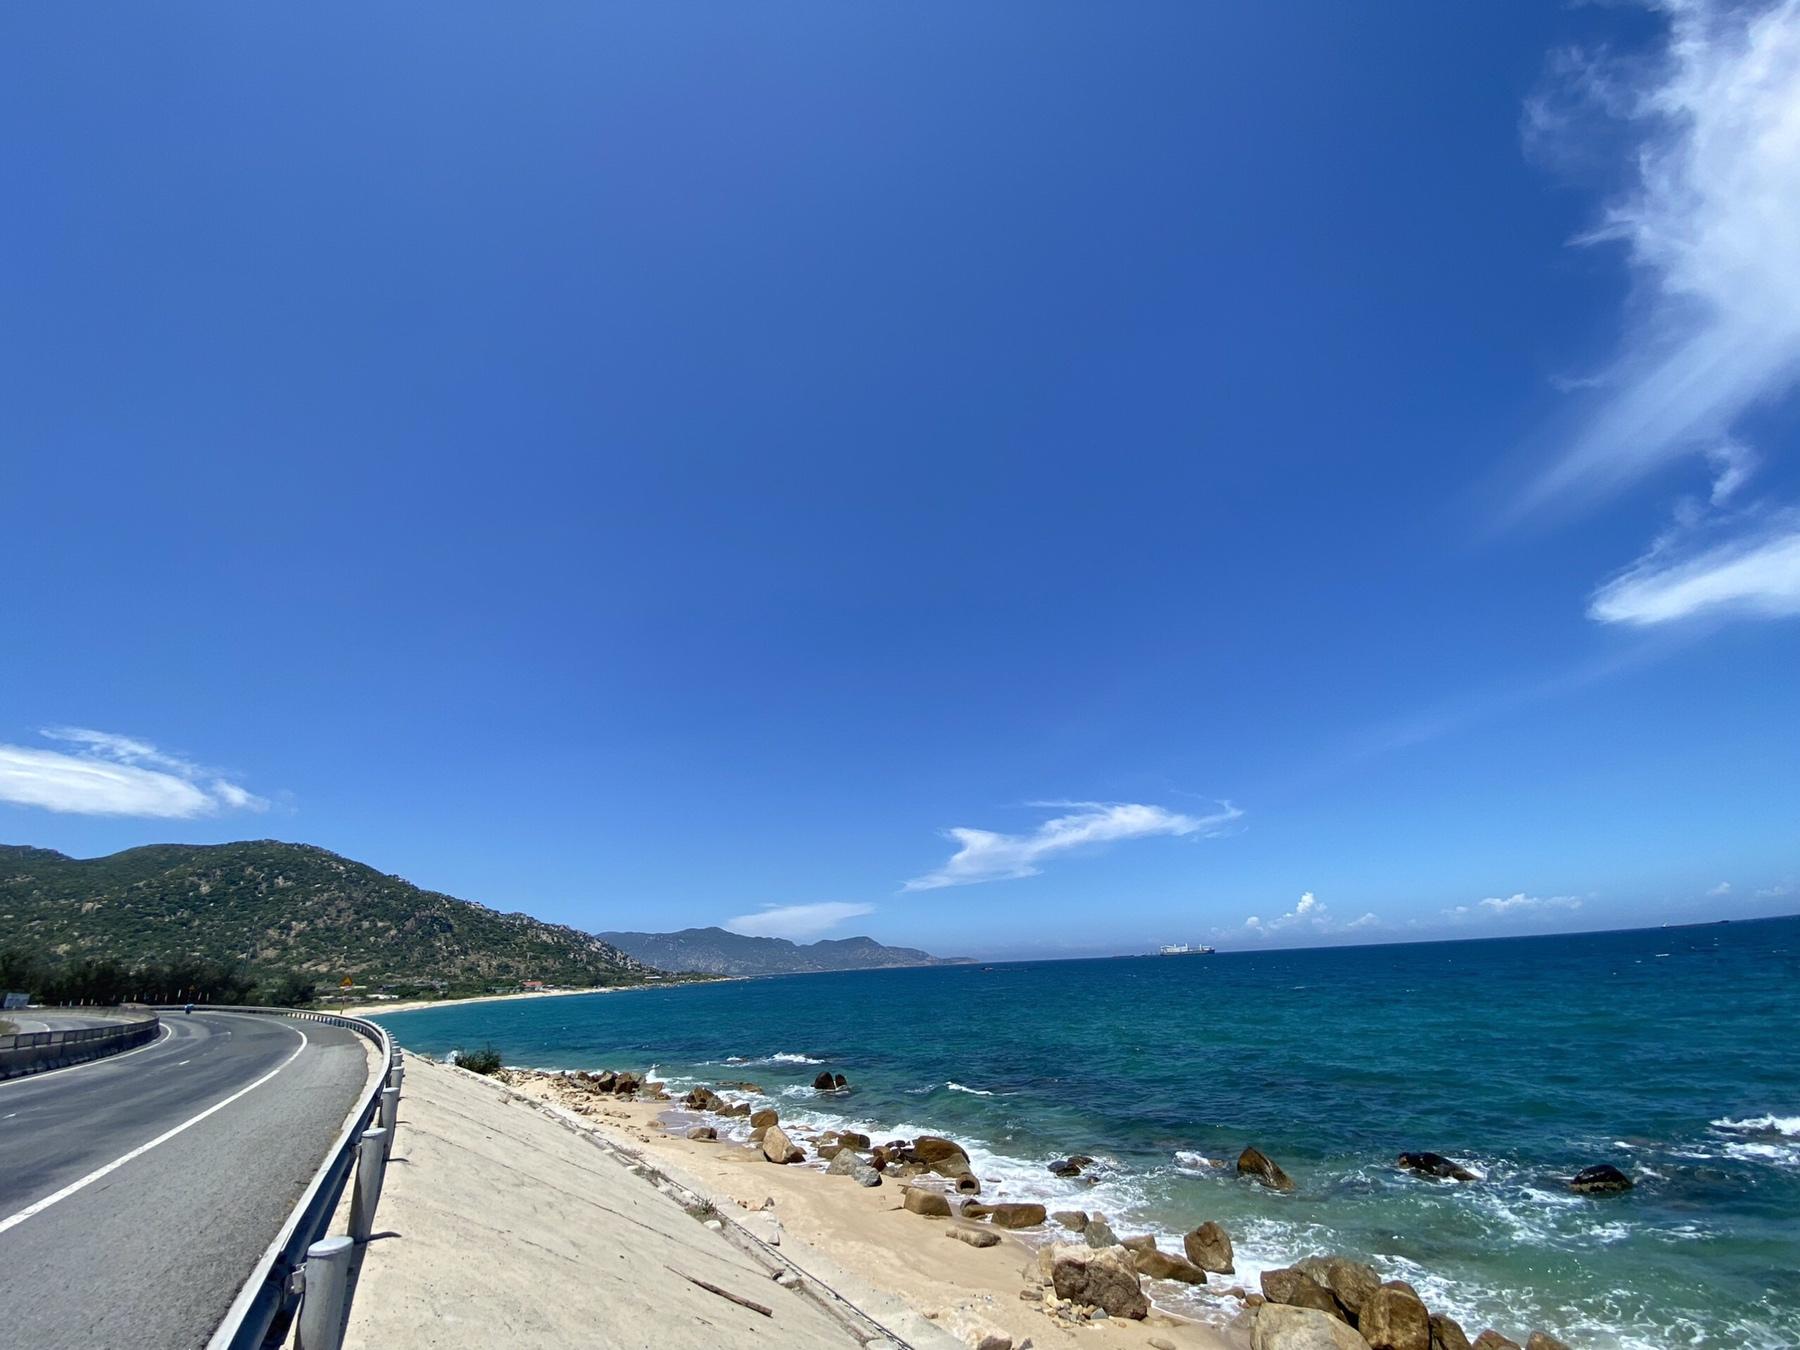 Seaport Vĩnh Tân Cảng biển Quốc tế, Quốc lộ 1A, Bờ biển tuyệt đẹp, Sổ Đỏ là Bảo Chứng Đầu tư hoàn hảo